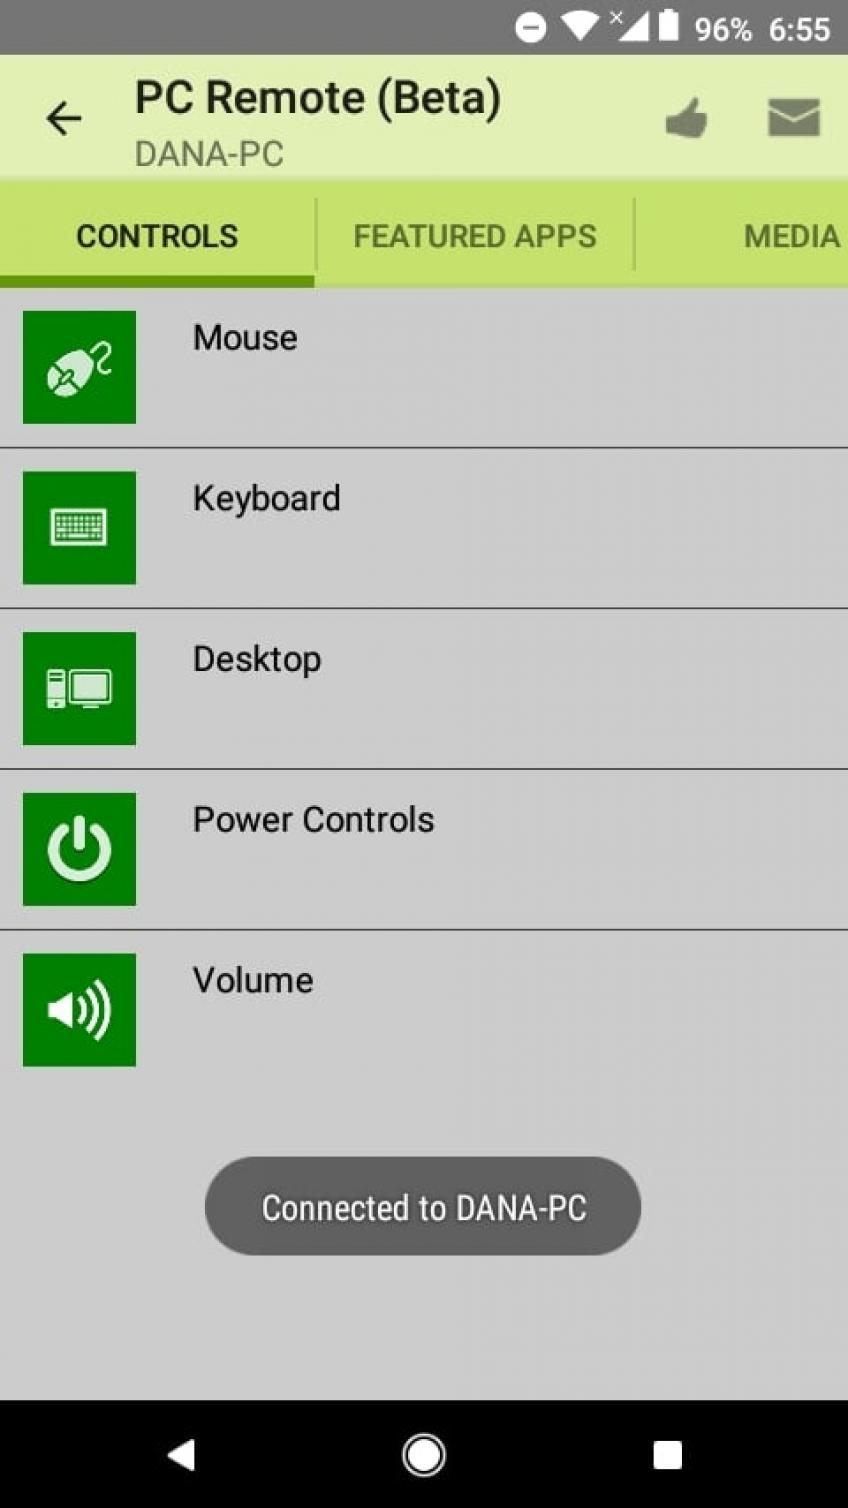 PC Remote (Beta)